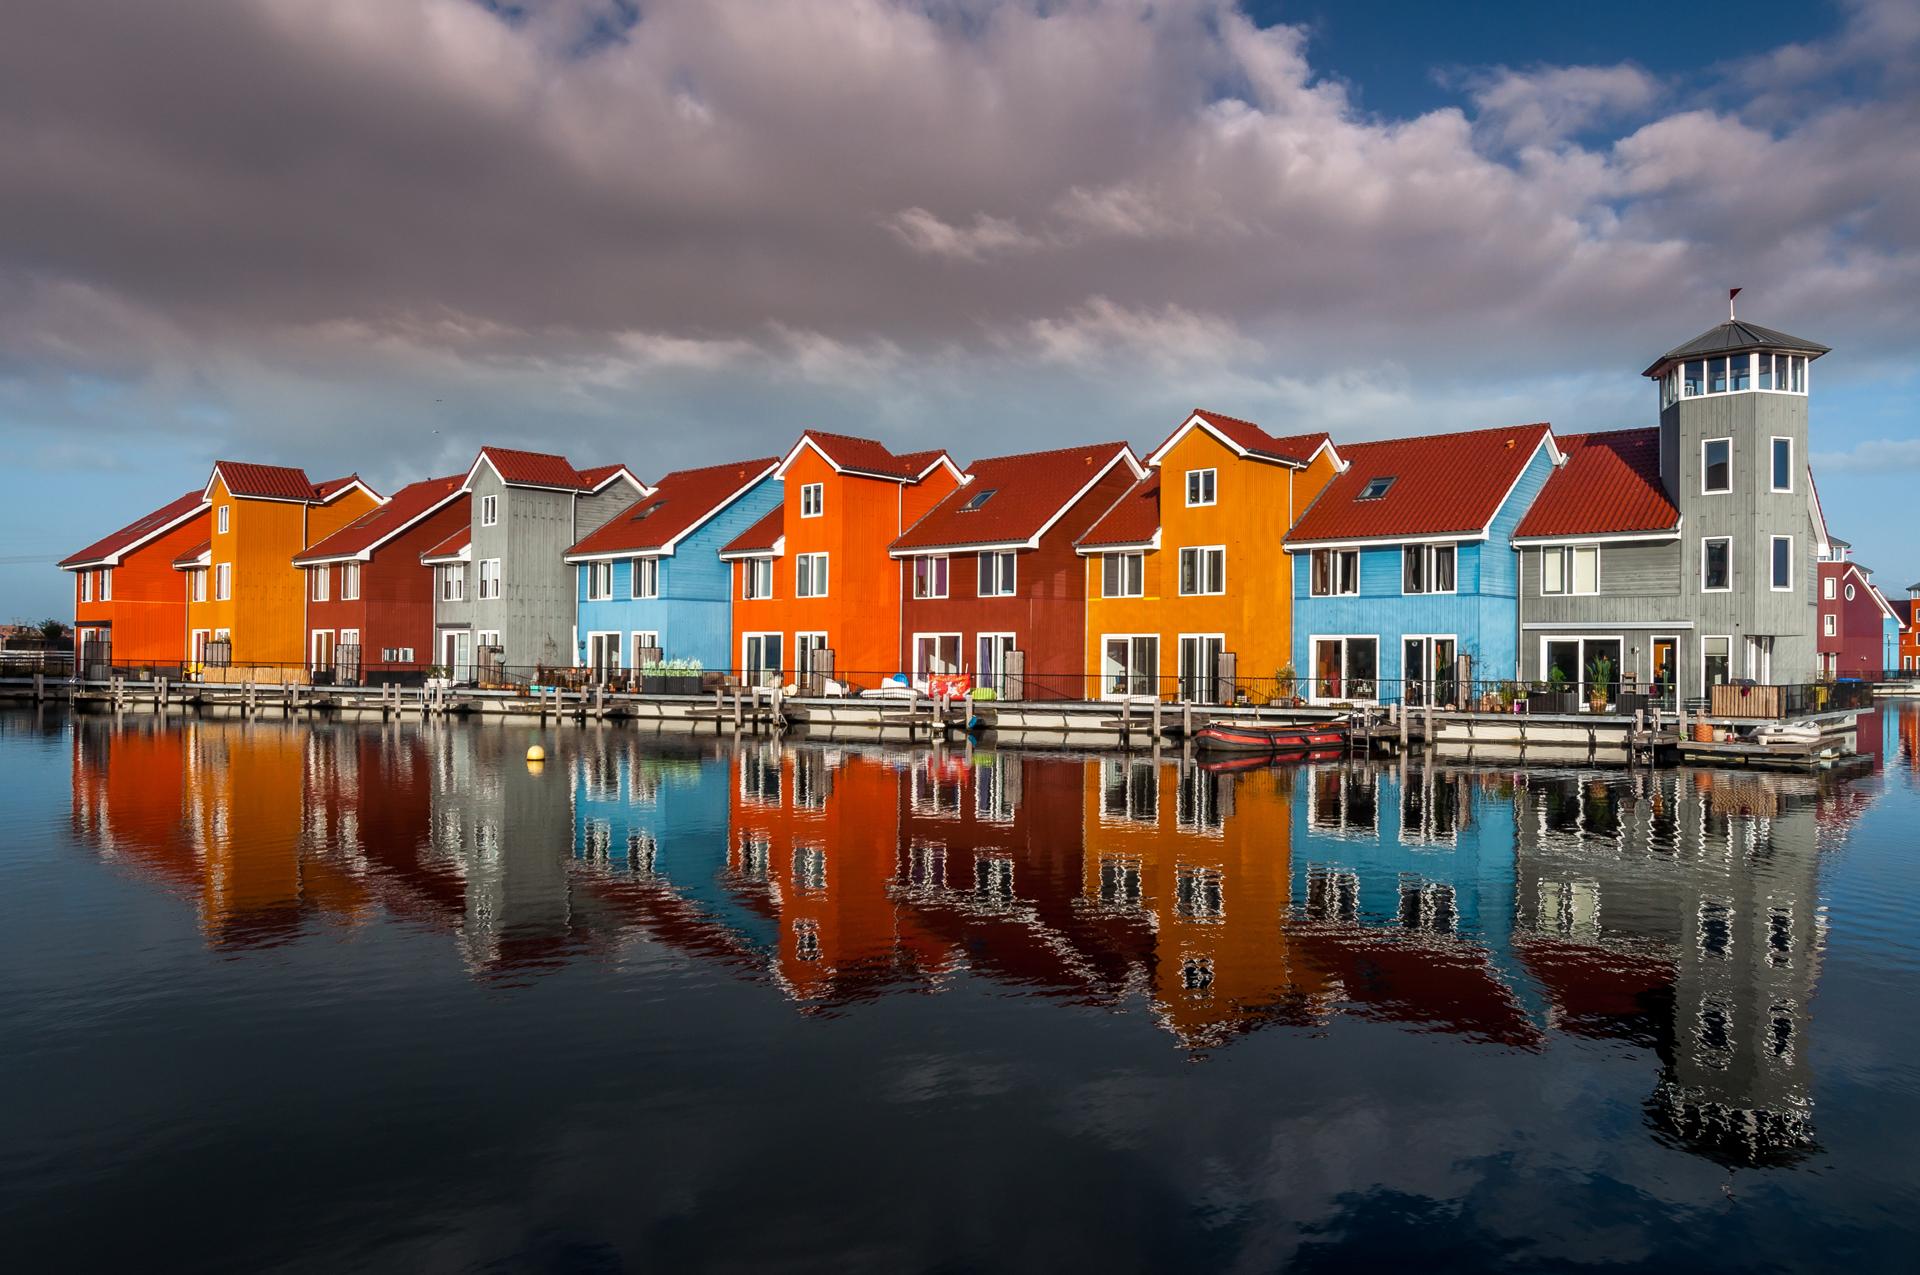 Es una metrópolis ubicada al norte de los Países Bajos. Combina lo antiguo con lo moderno, lo pequeño con lo extremo (iStock)